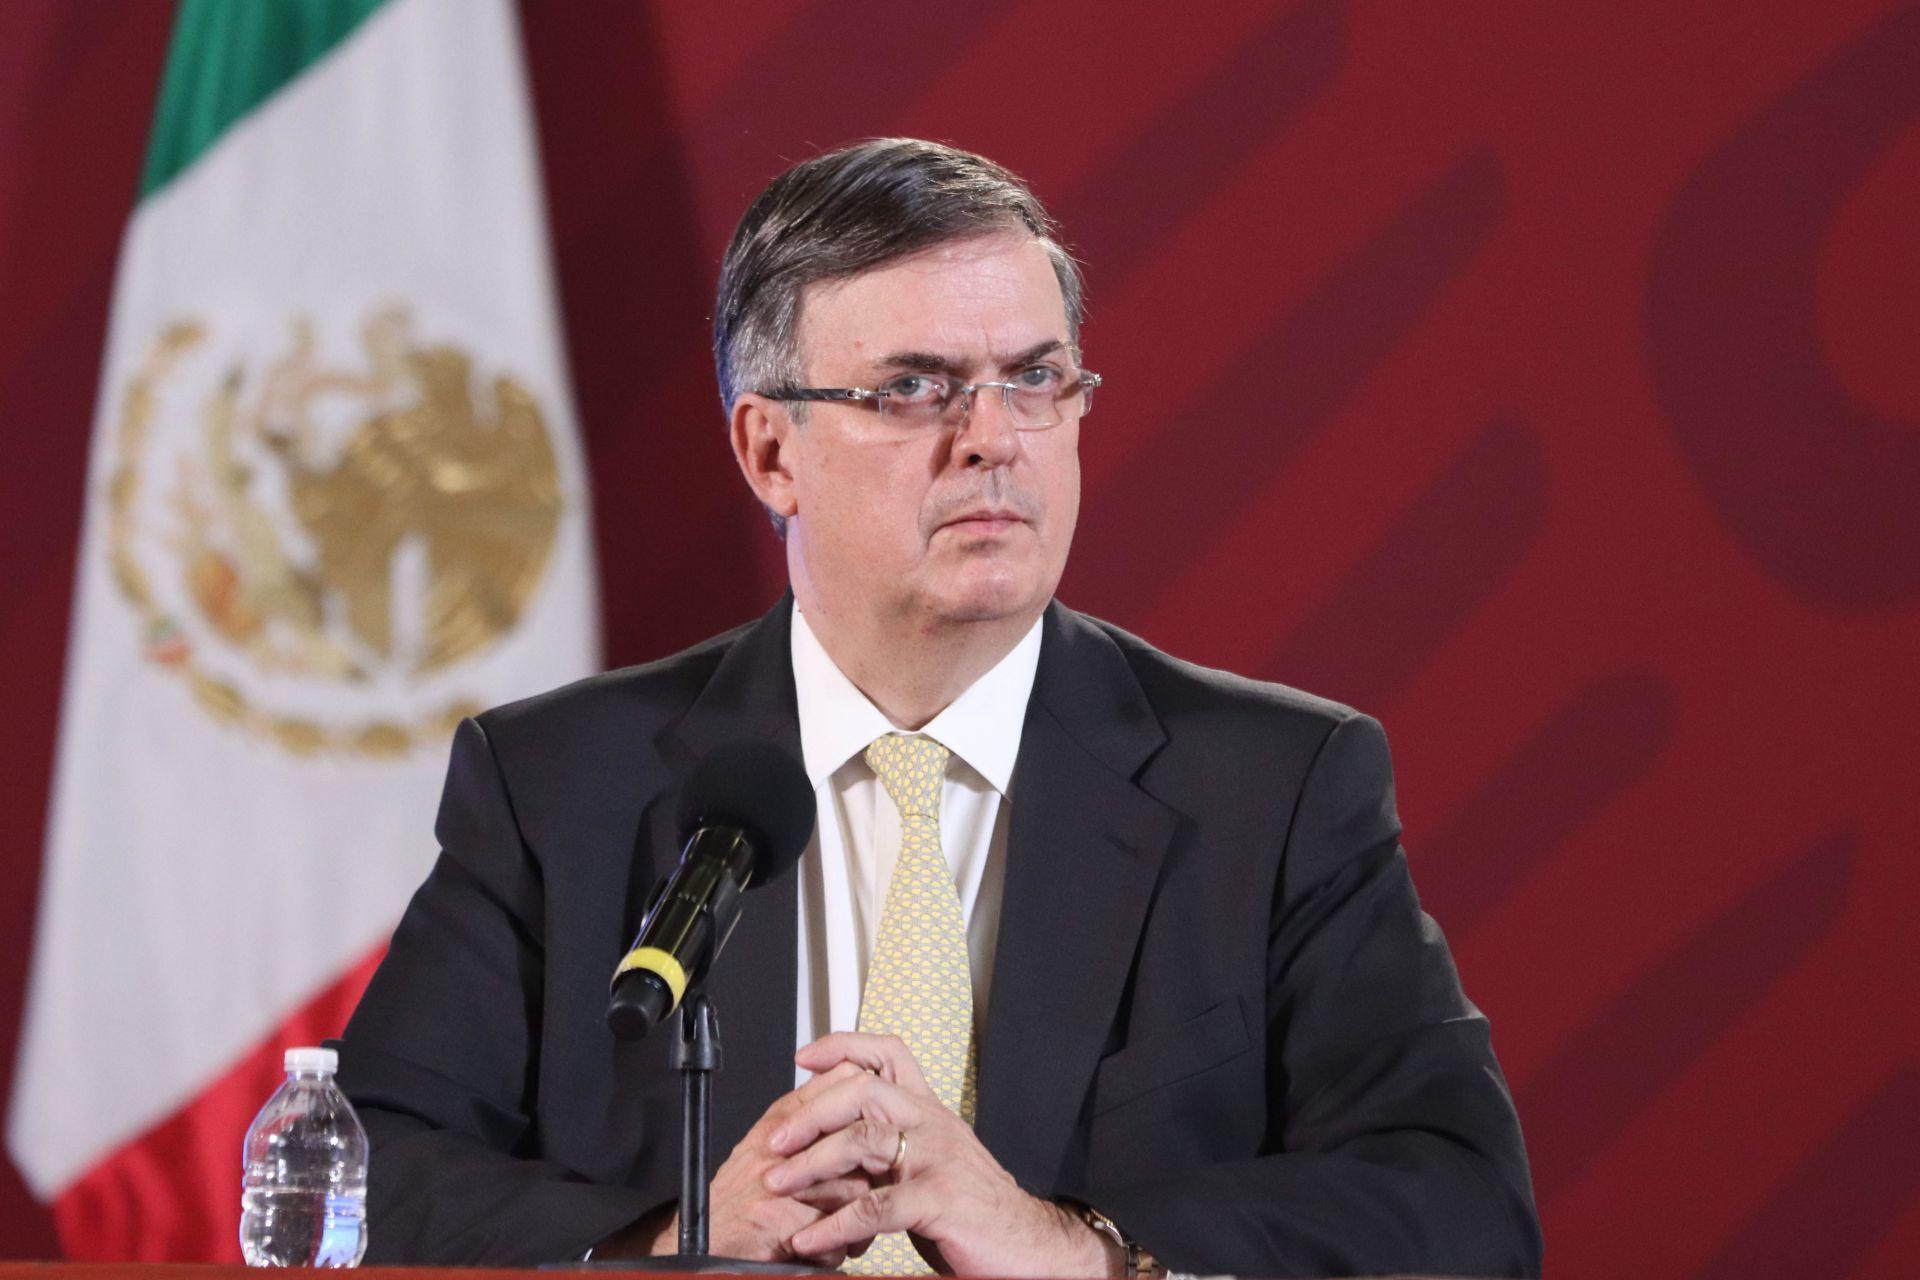 Coronavirus-Salarios-Empresas-Causa-Fuerza-Mayor-Mexico-Ley-Federal-Trabajo-Declaracion-Emergencia-Sanitaria-Salario-Integro, Ciudad de México, 31 de marzo 2020